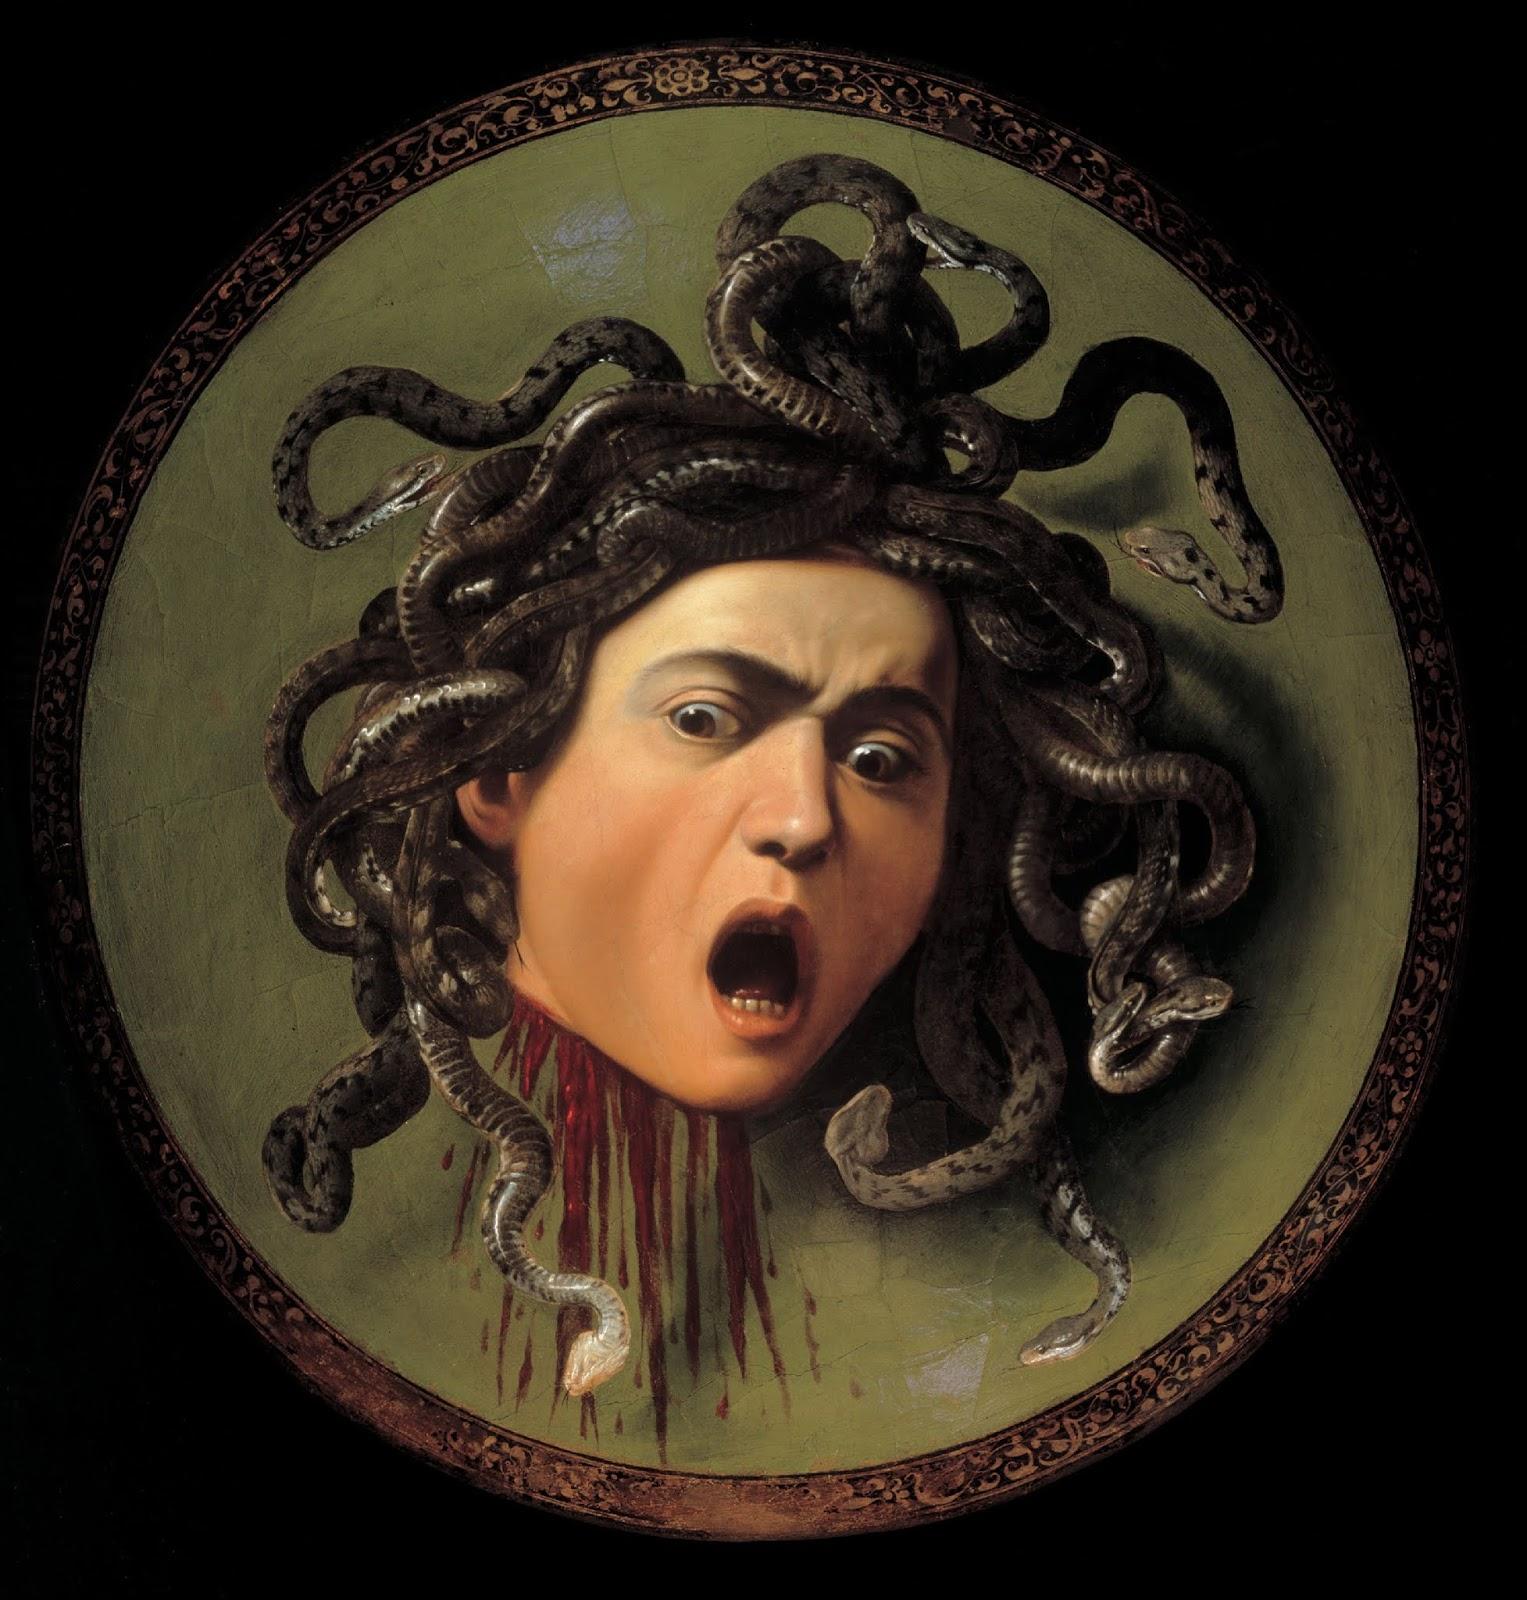 2. Cabeça de Medusa (1598) - De expressão aterradora, traz a cabeça decepada e ainda sangrando da personagem mitológica.